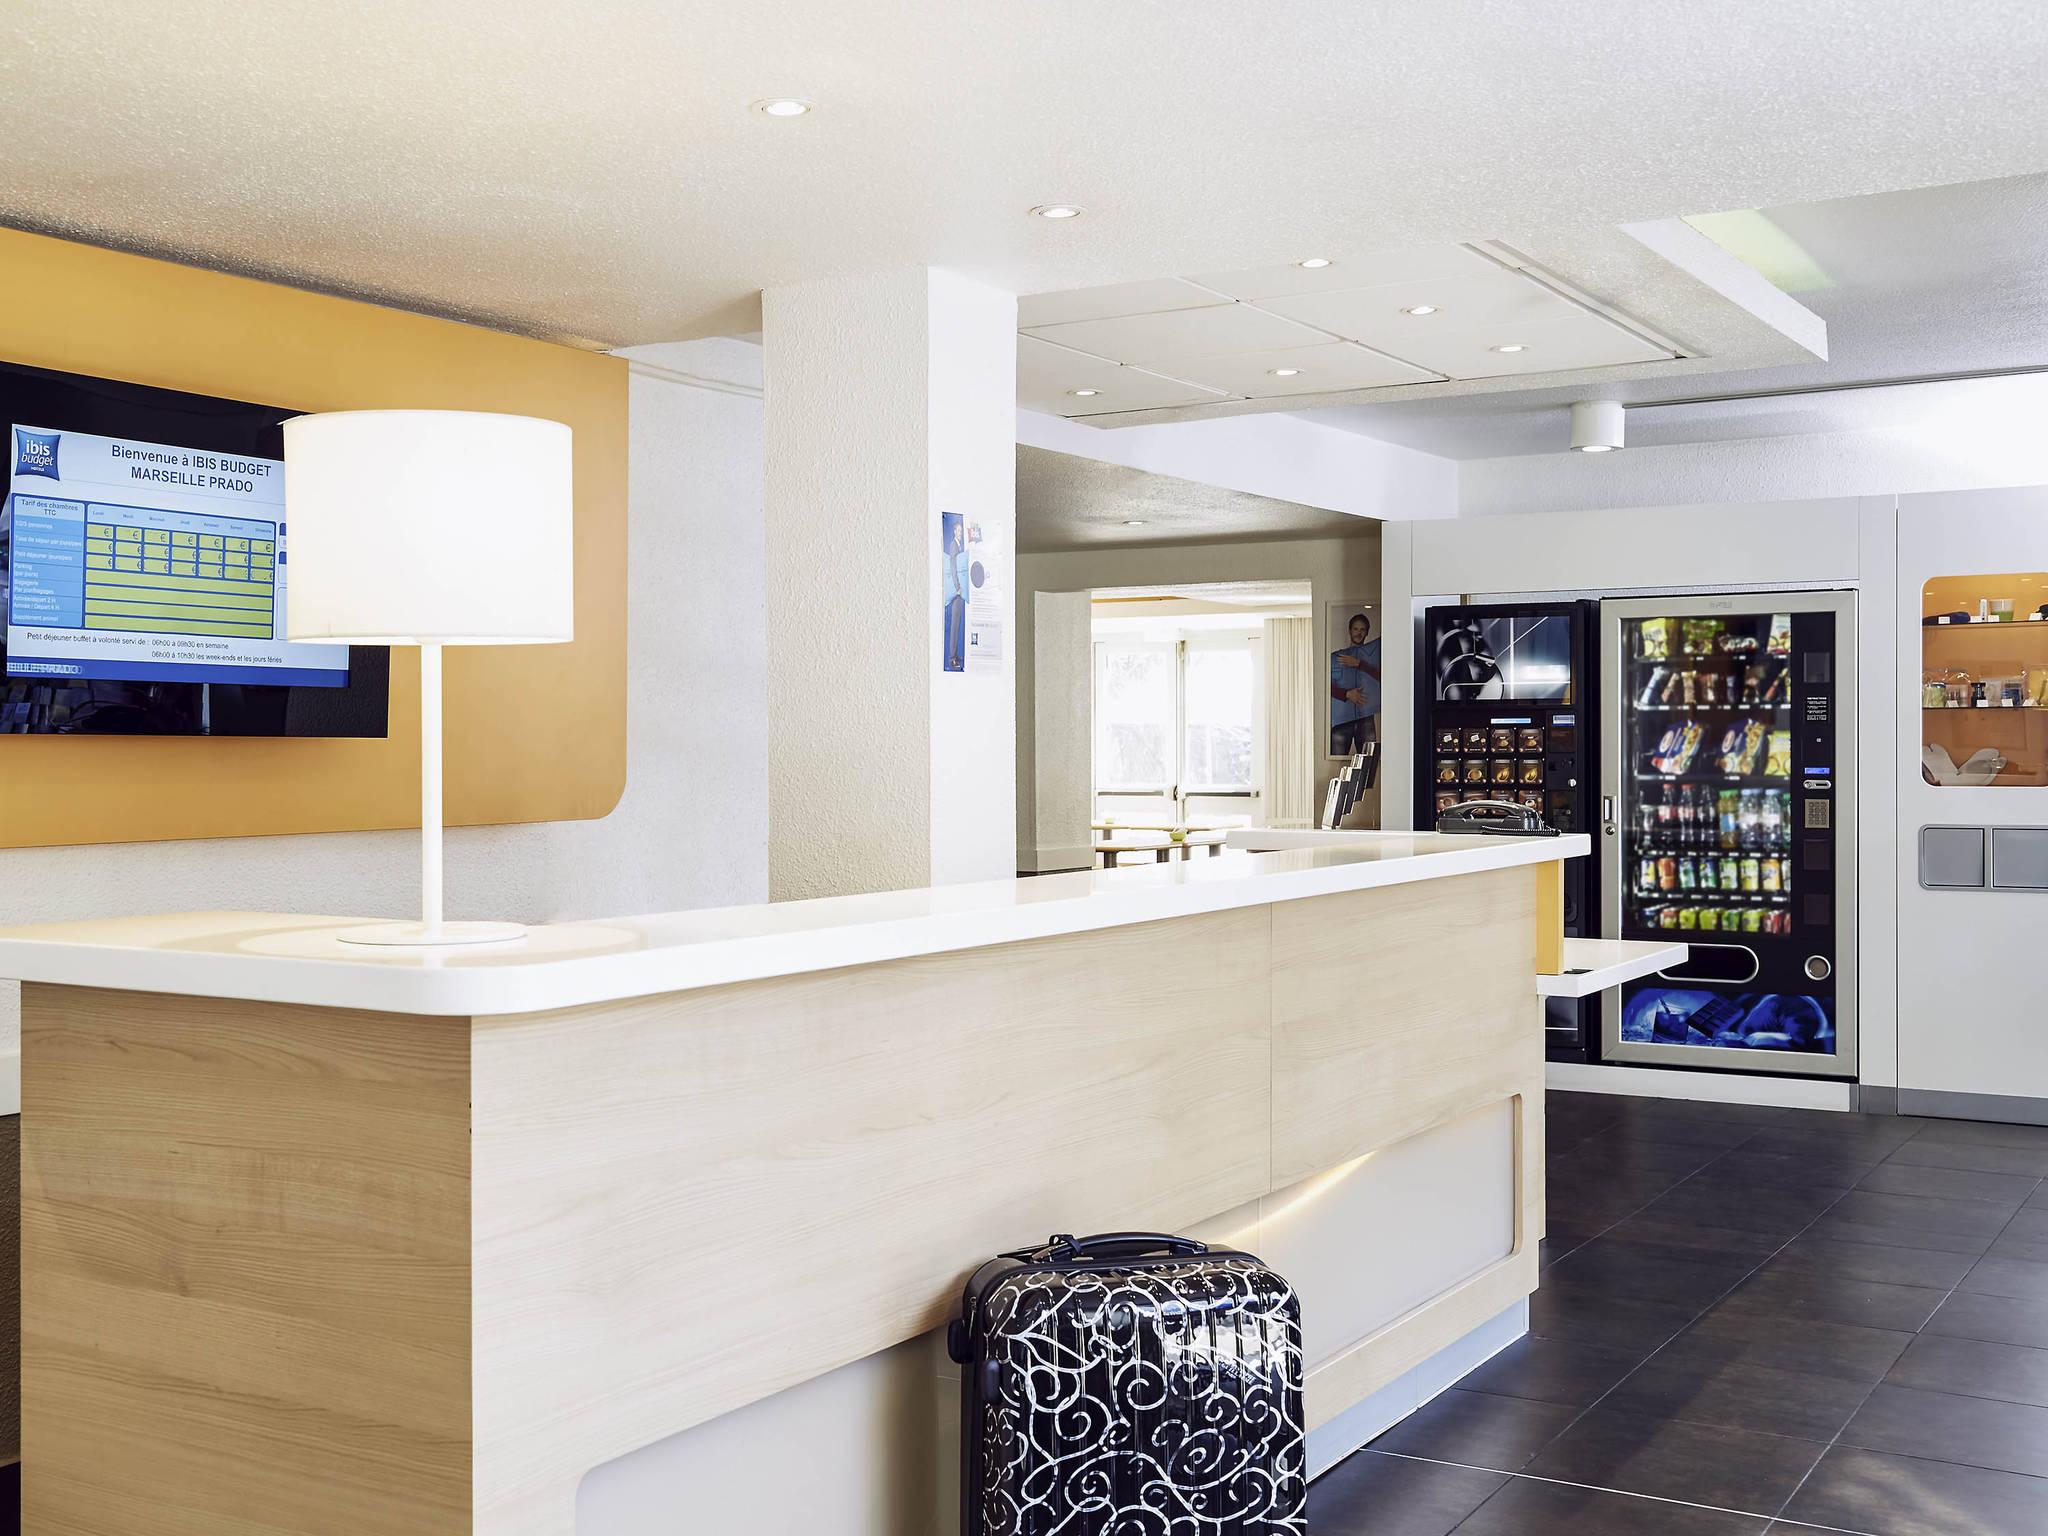 Hotel – ibis budget Marsella Prado Centro de Exposiciones